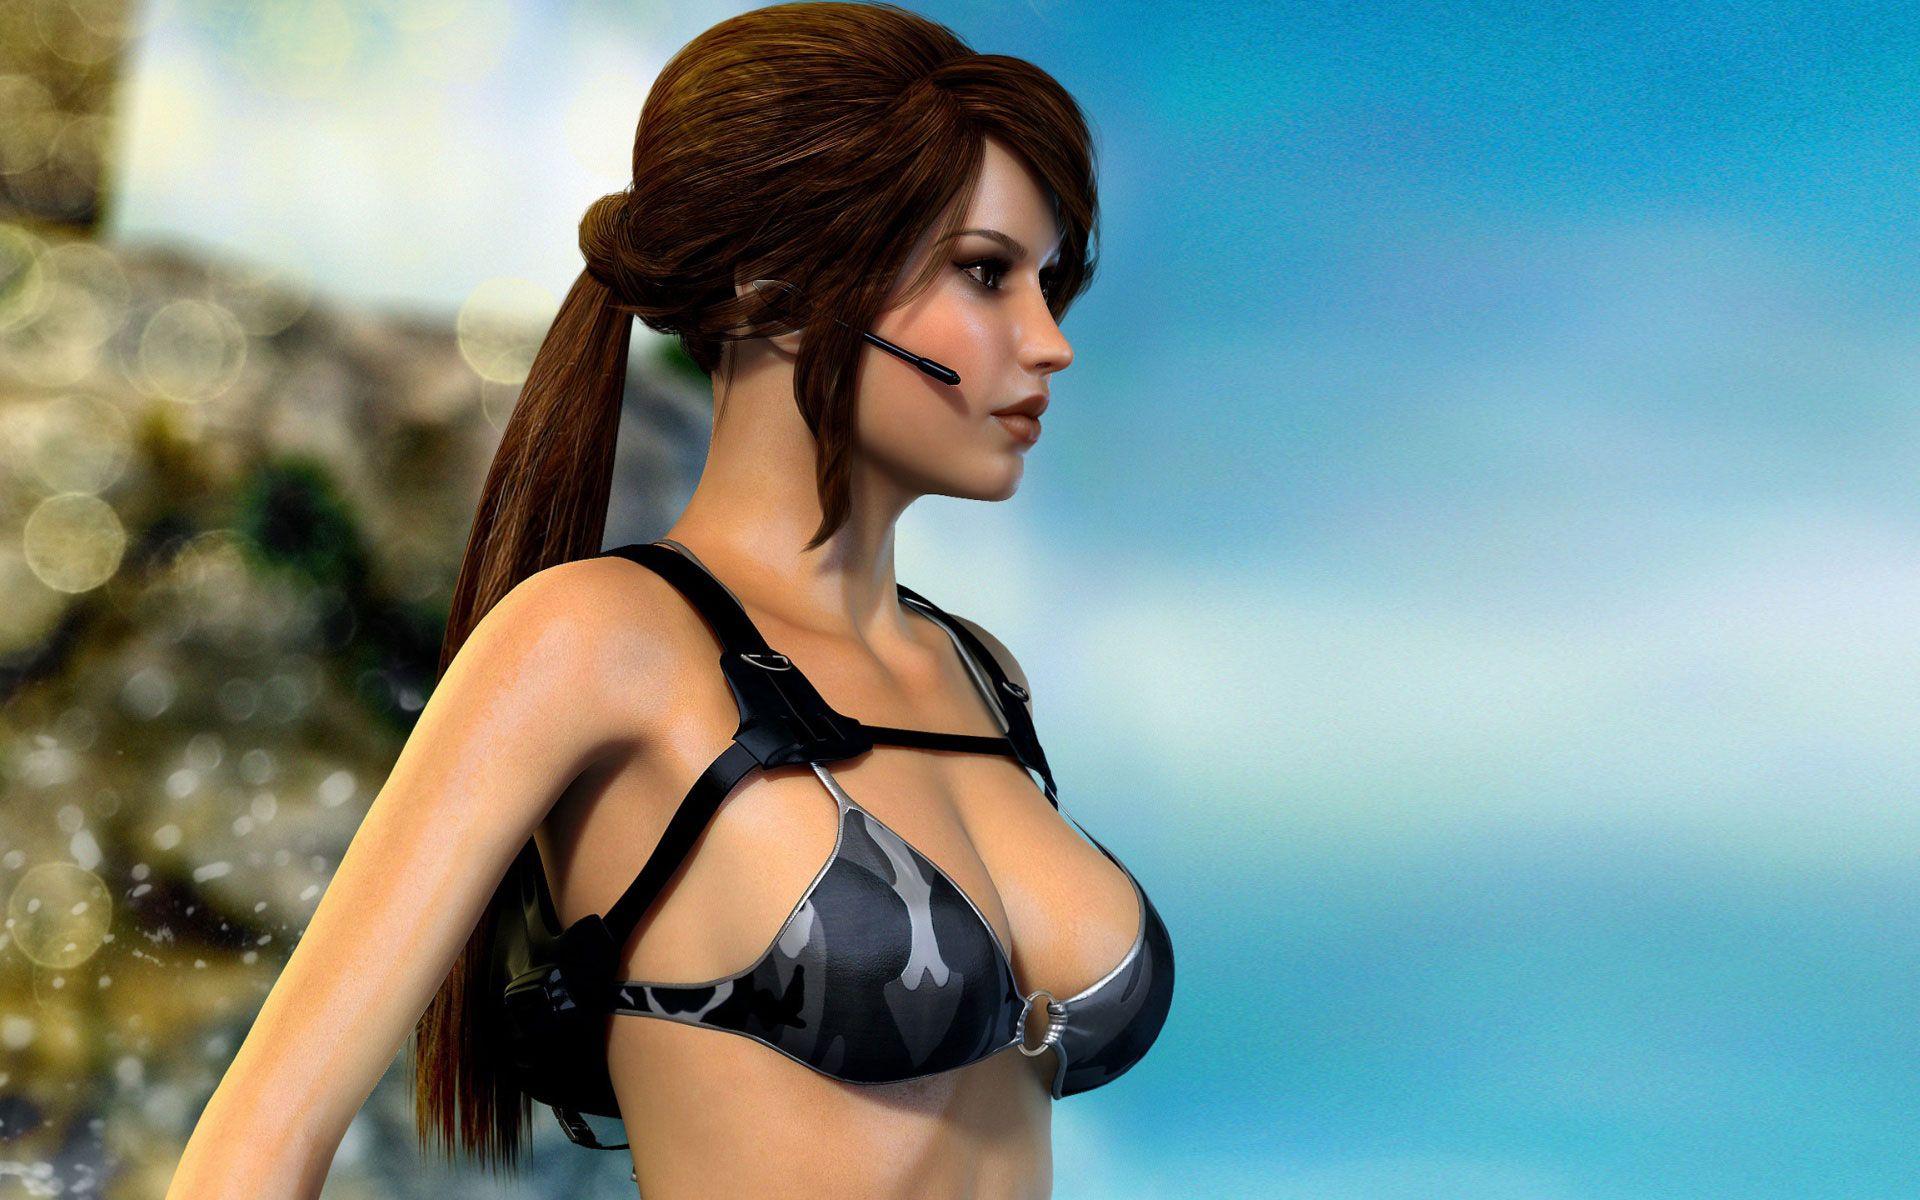 Секси телки в онлайн играх